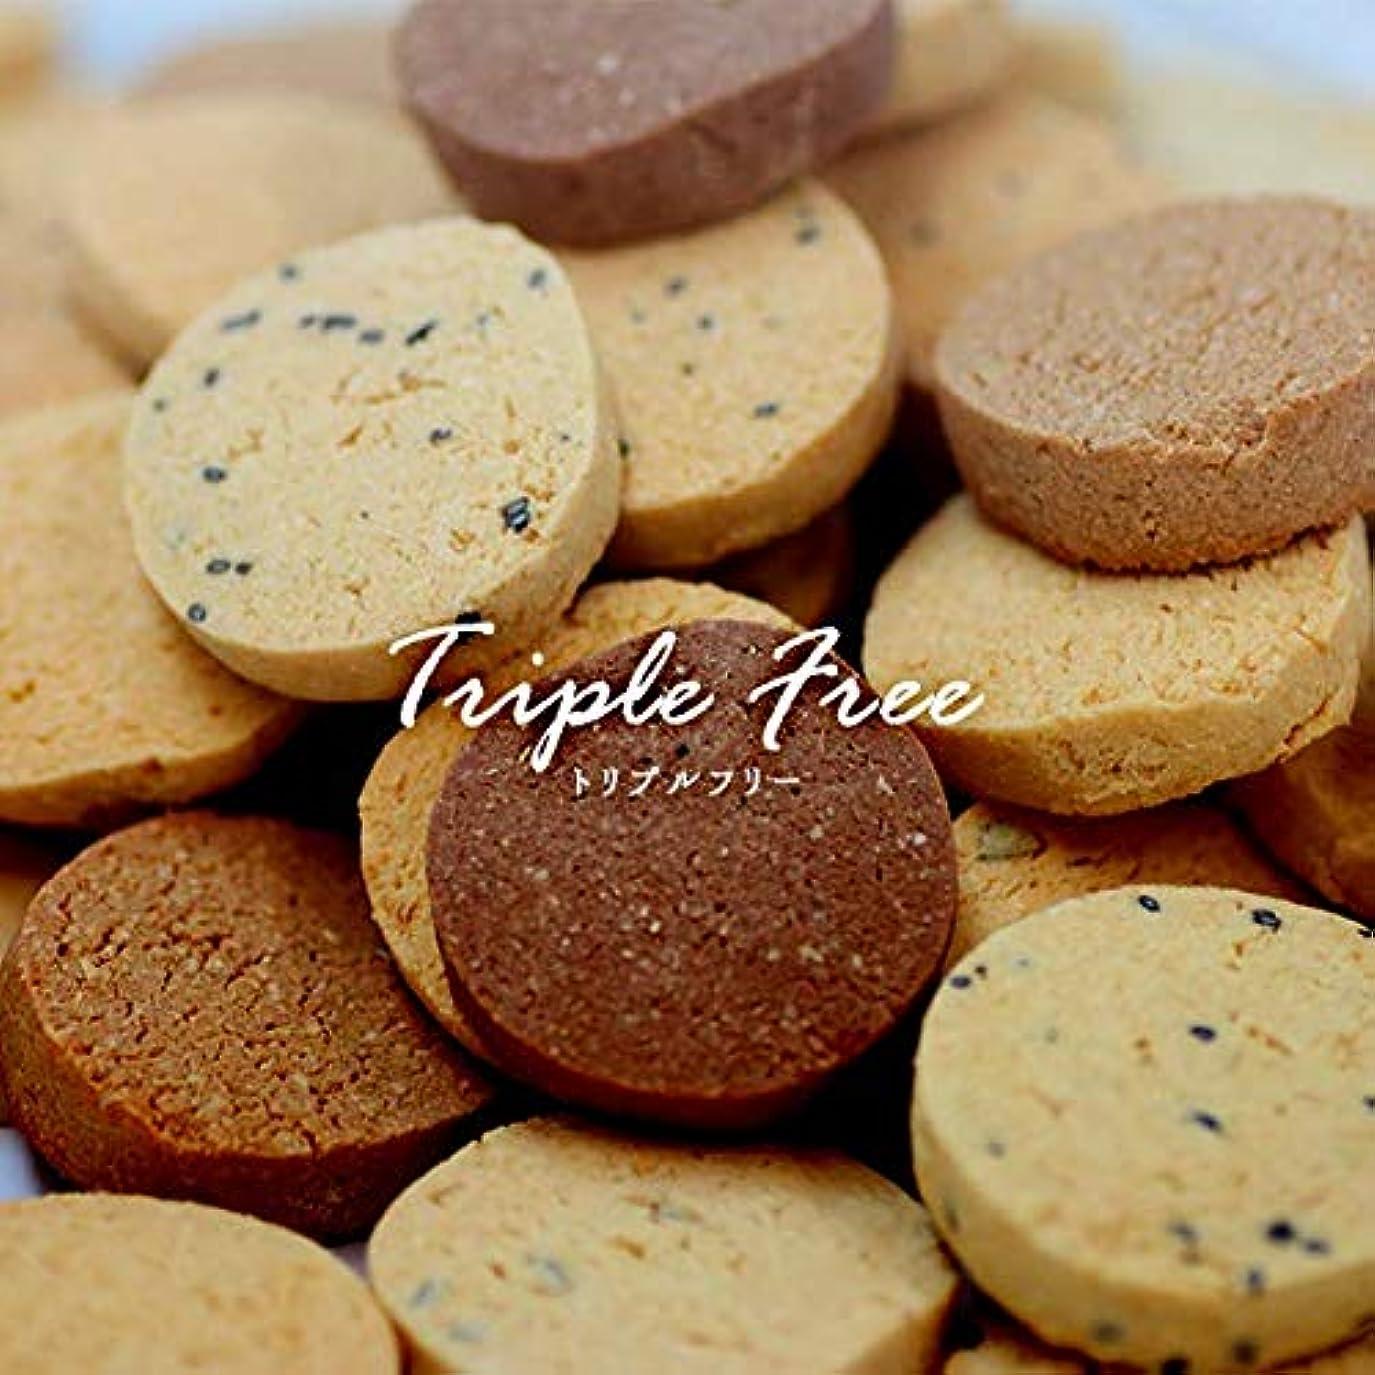 高める幾何学ハリケーン新感覚!大人気5種類!Triple Free 豆乳おからクッキー 1kg(個包装)小麦粉不使用のダイエットクッキー